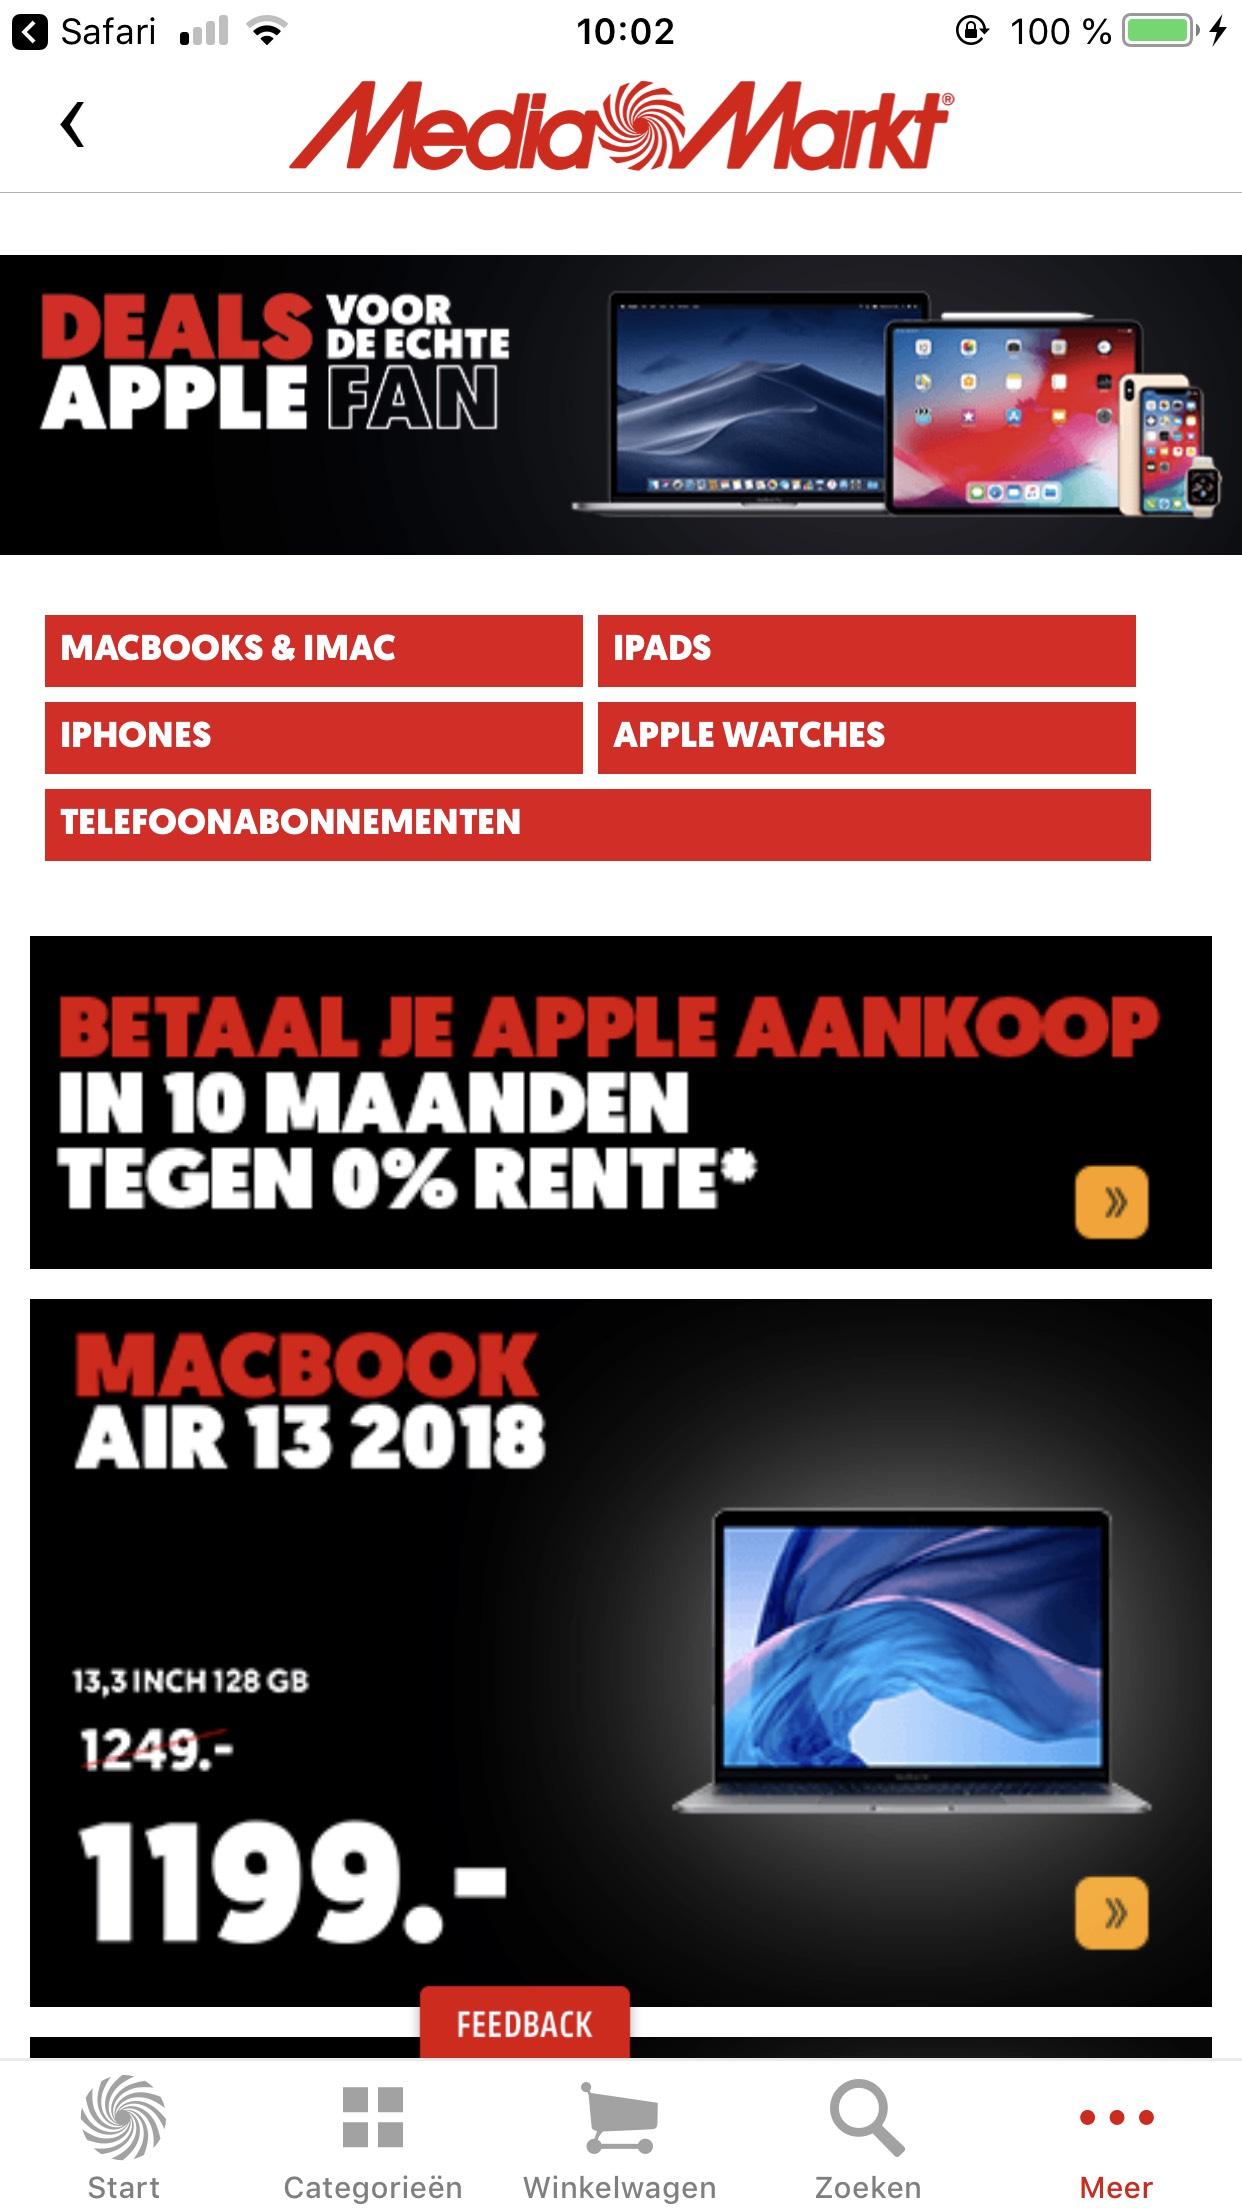 Betaal je Apple aankoop in 10 maanden tegen 0% rente @Mediamarkt